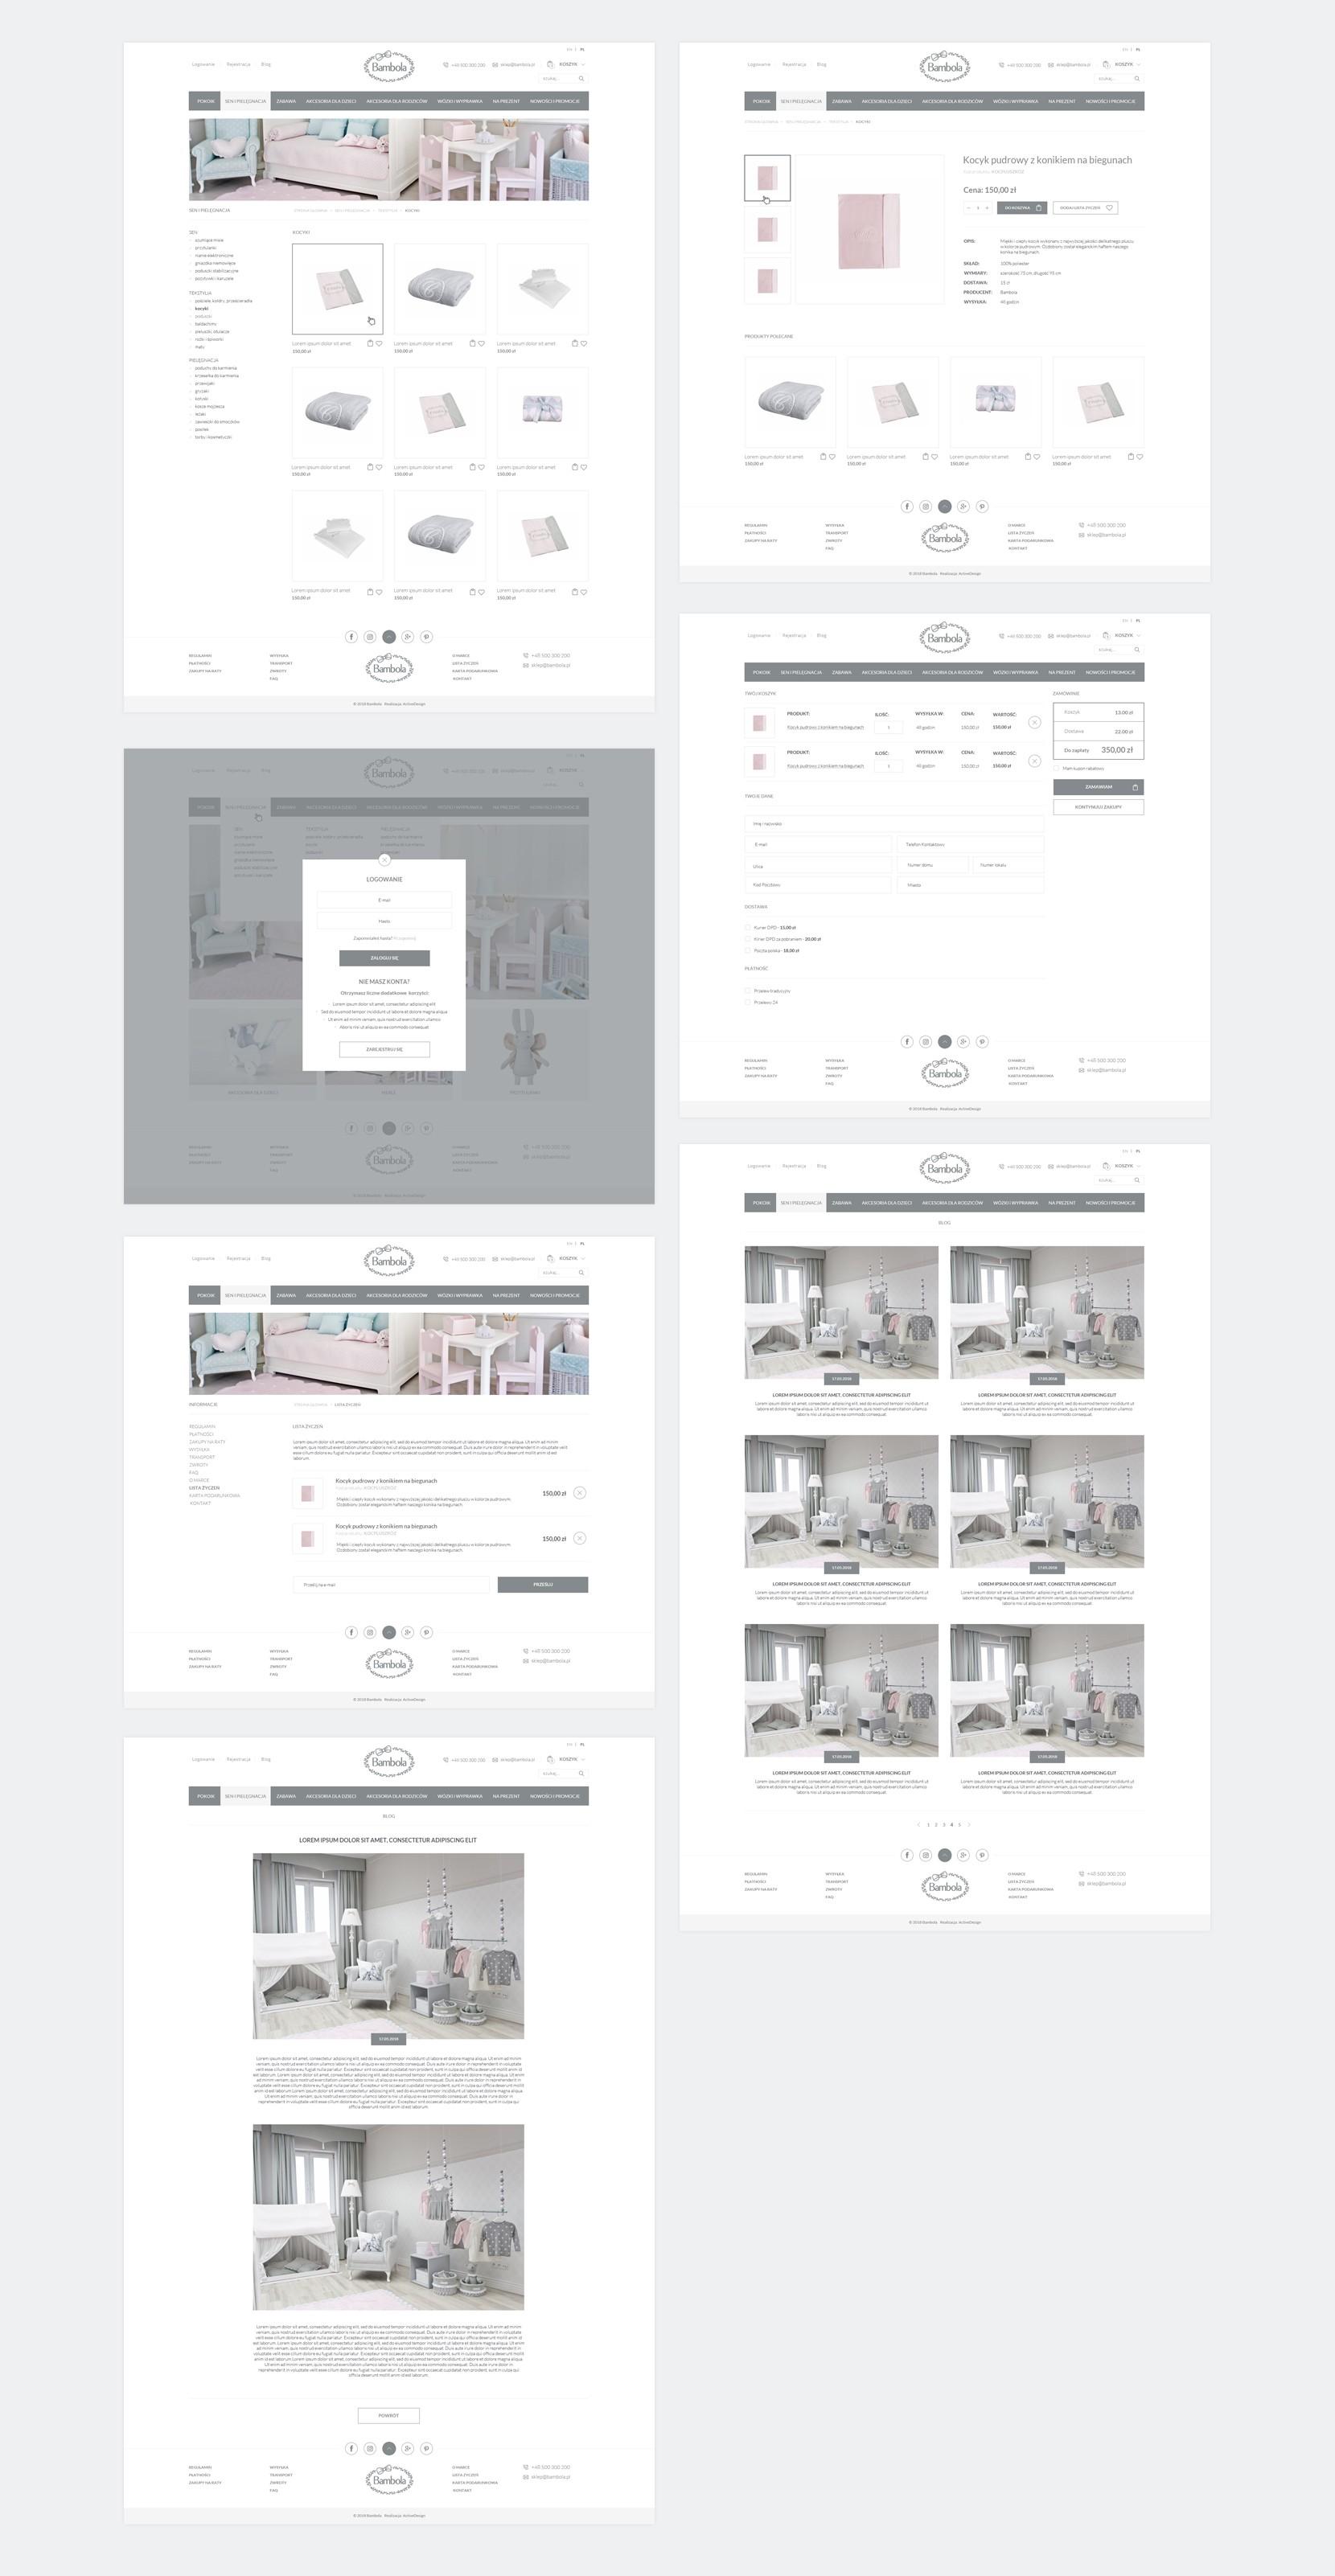 projektowanie sklepów active design